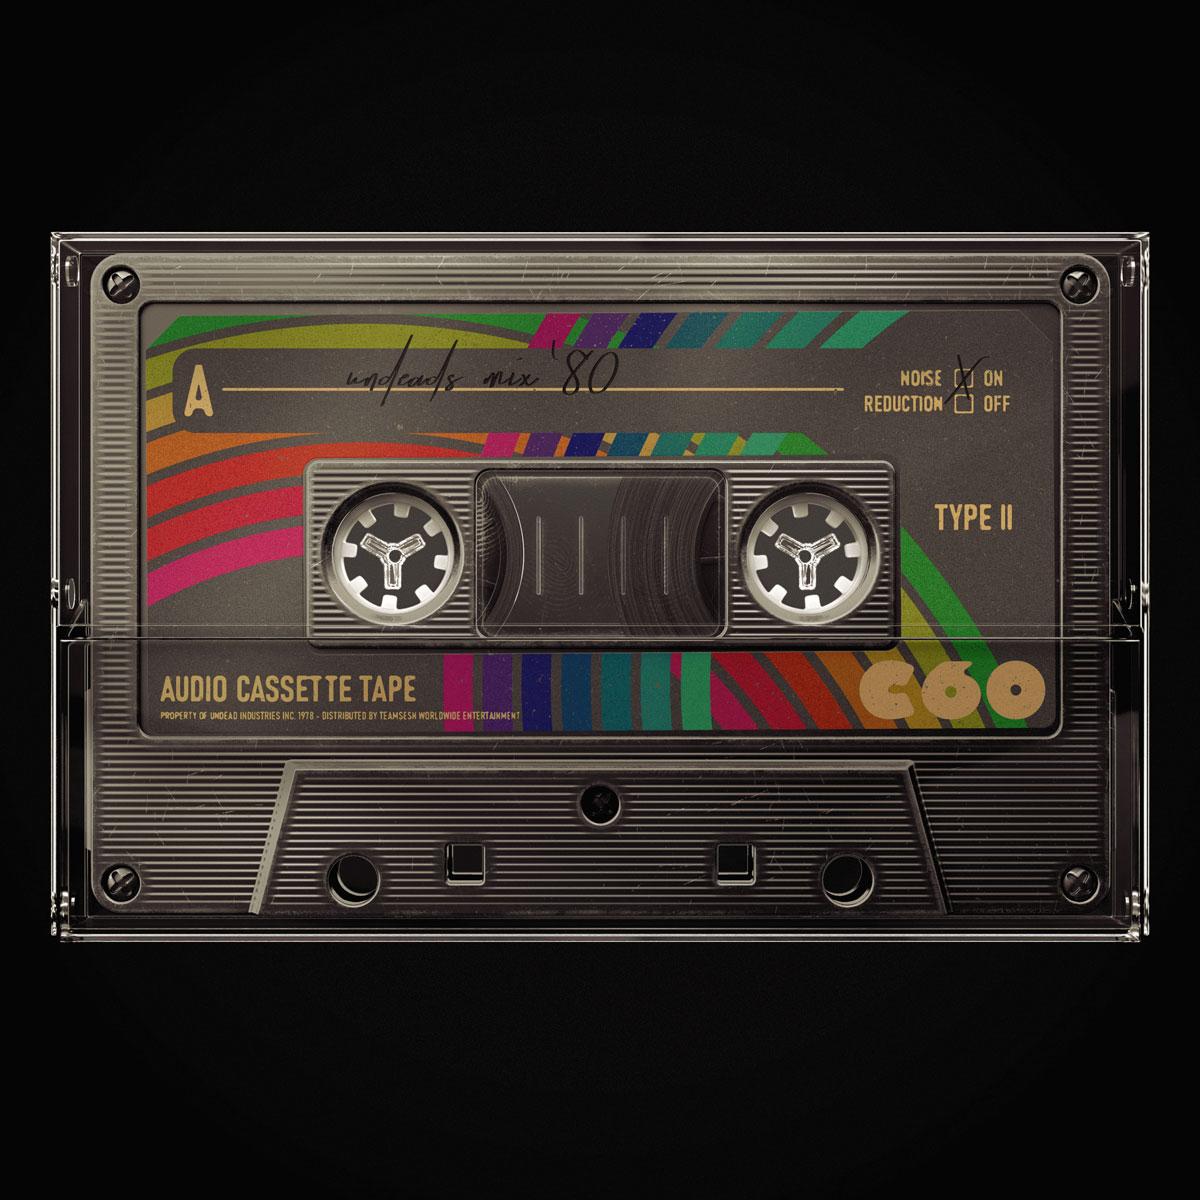 [淘宝购买] 潮流复古盒式磁带录音带设计智能贴图展示样机模板 Undead's Mix '80插图